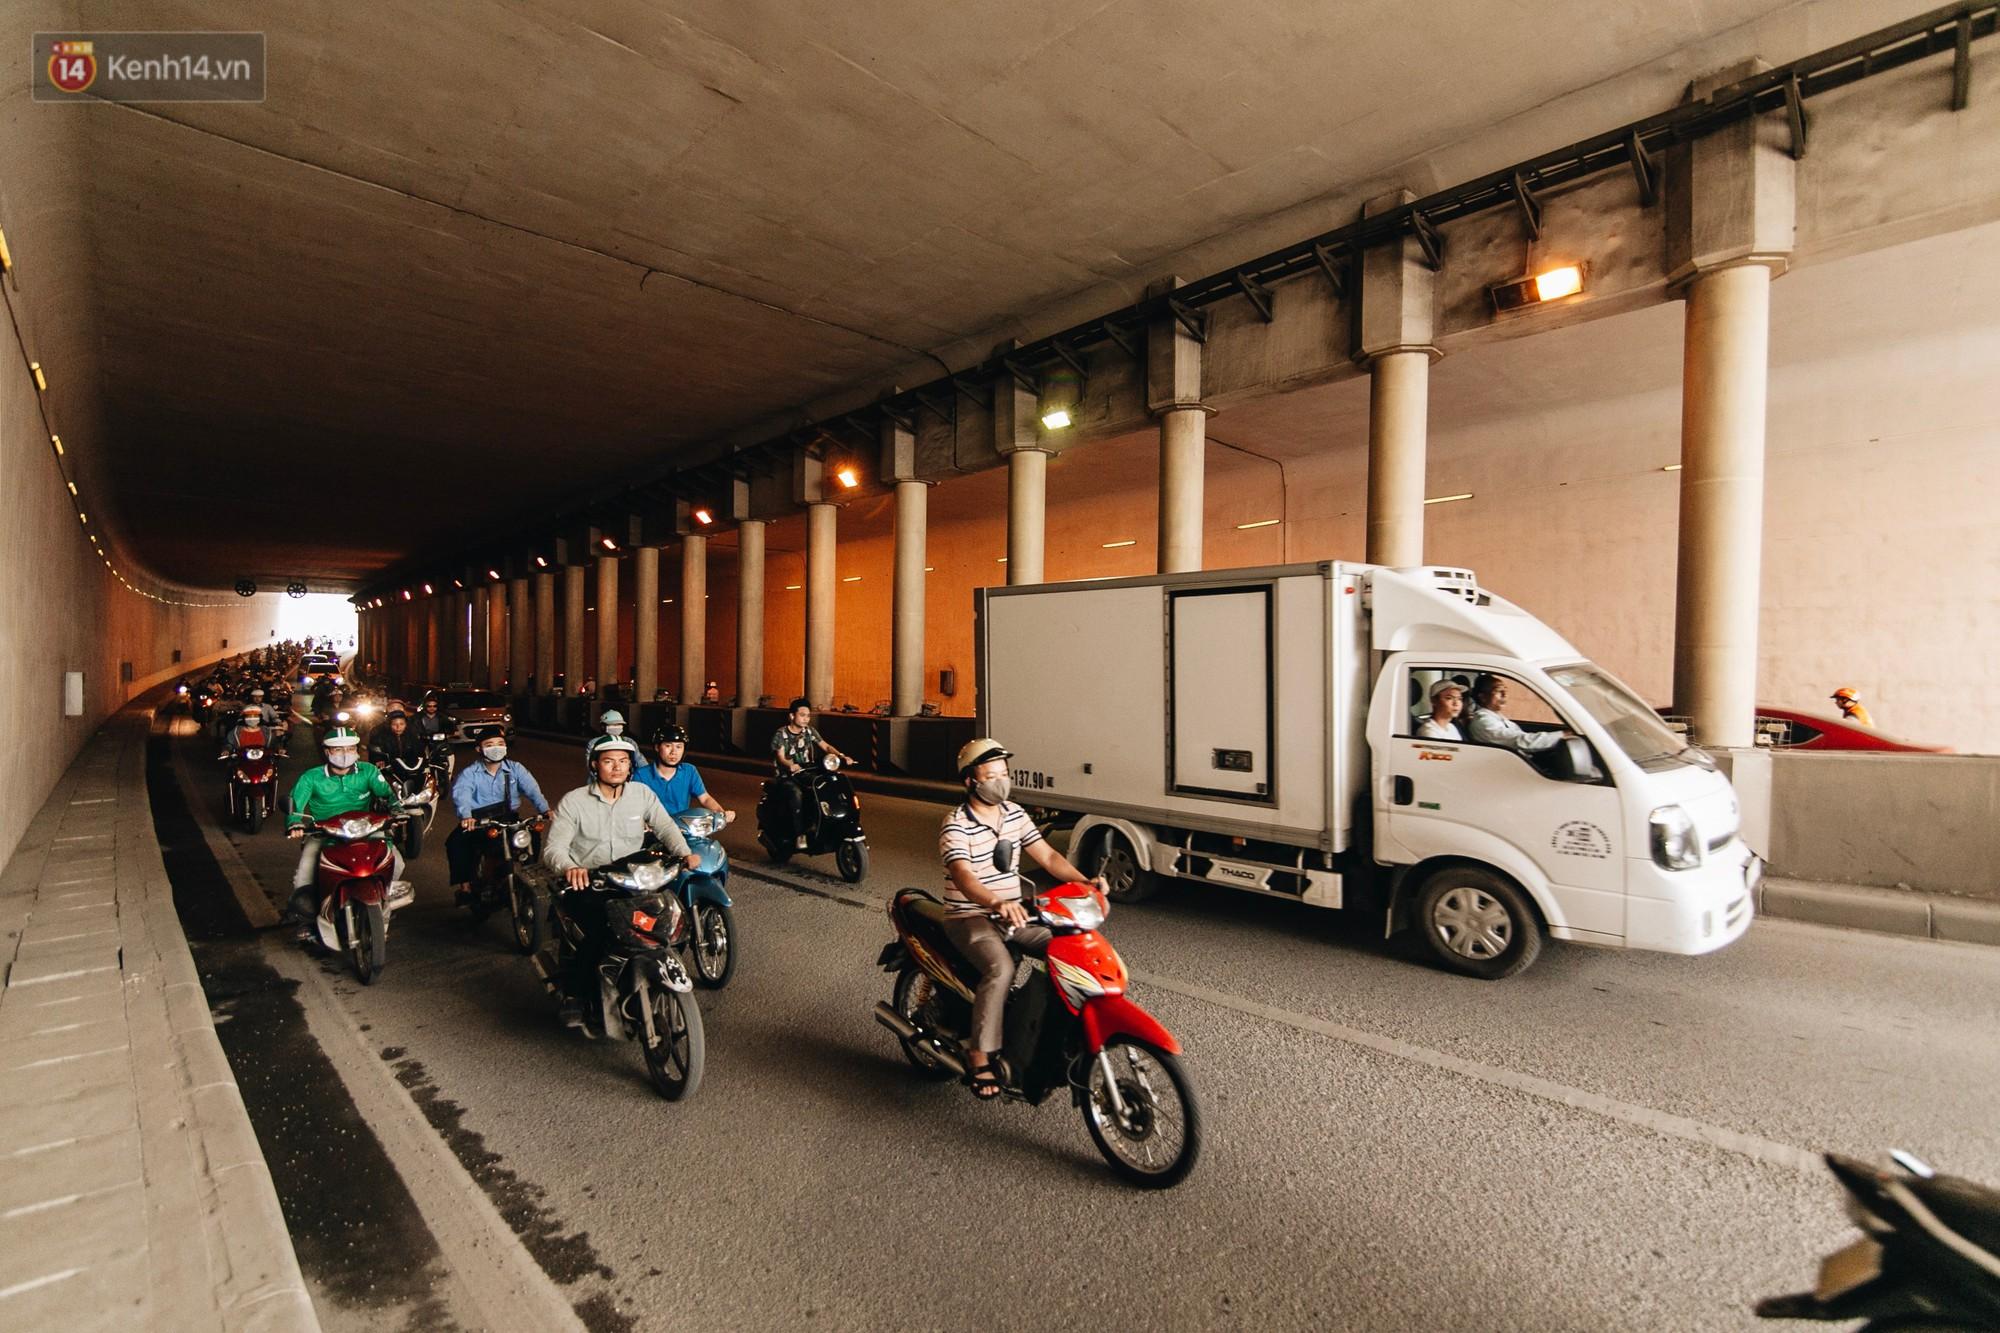 Người dân gặp khó khăn thế nào khi lưu thông qua hầm Kim Liên: Đường dốc và trơn, chạy vào là tay lái chao đảo - Ảnh 9.